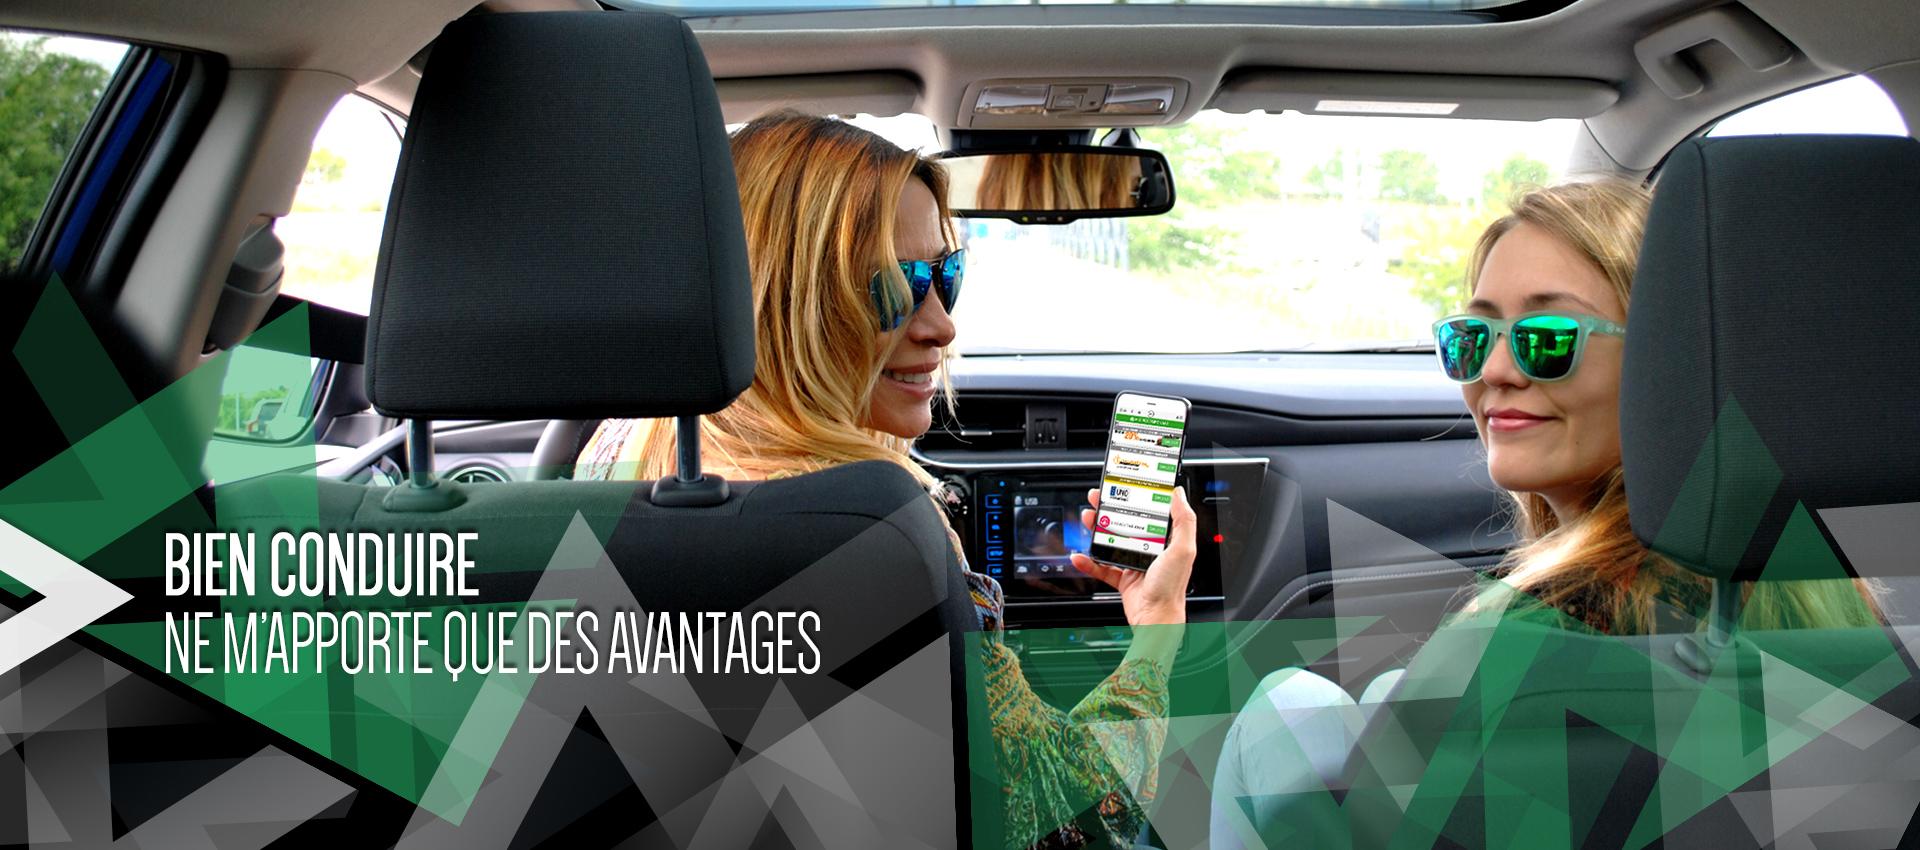 DriveSmart homepage imagen 4